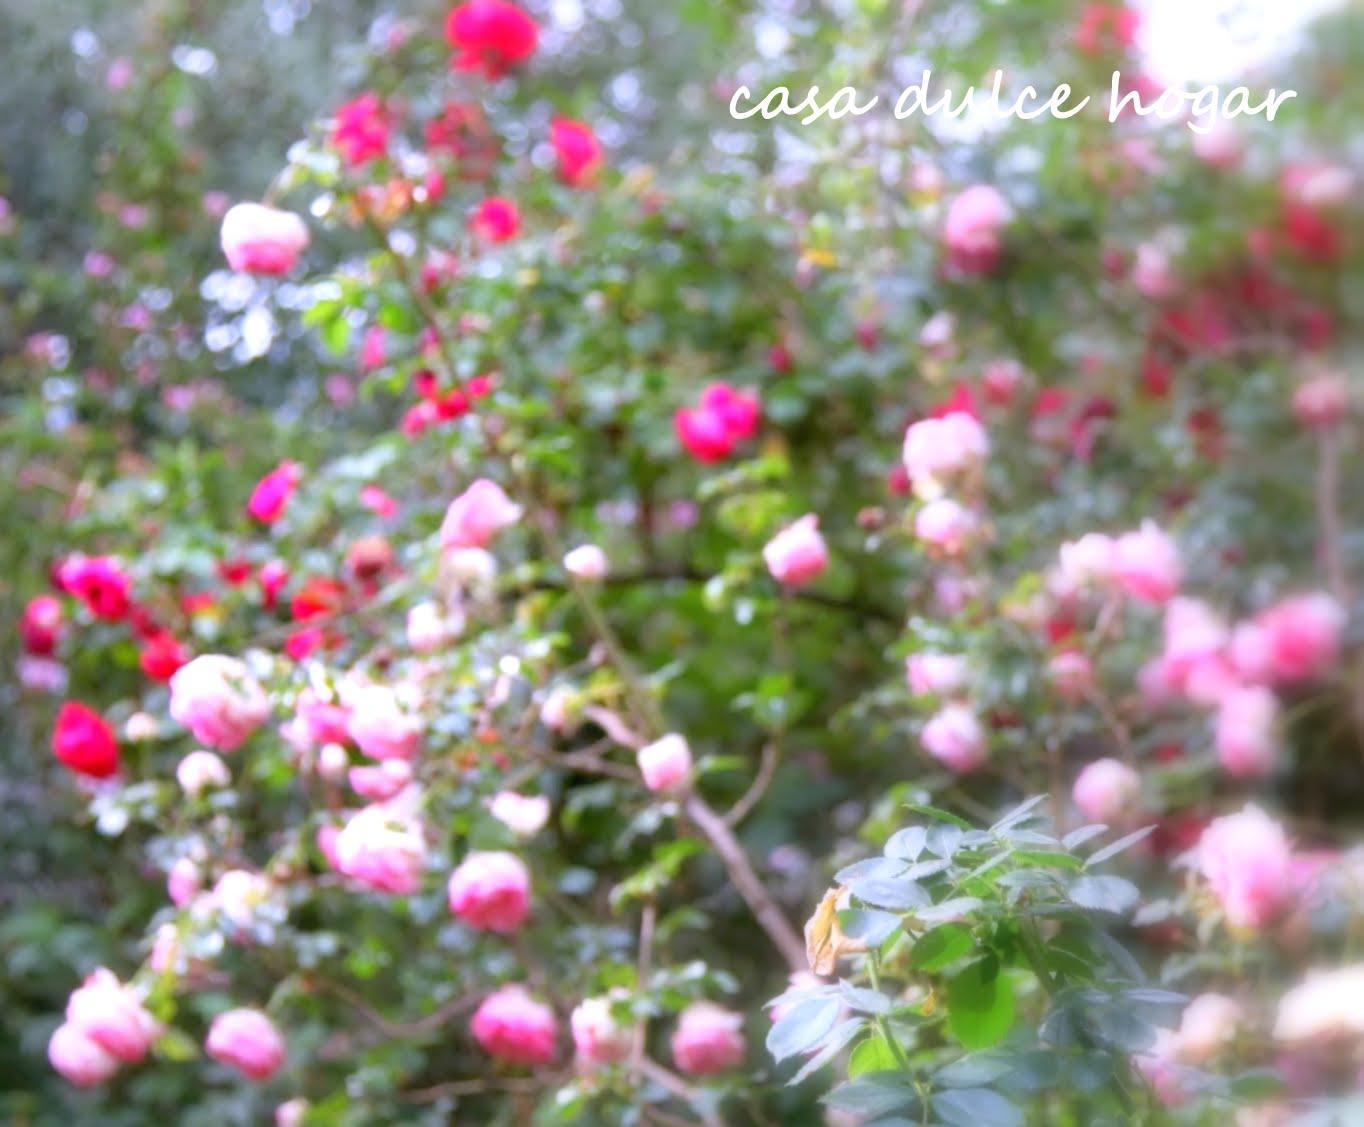 Jardín De Rosas Imágenes gratis en Pixabay